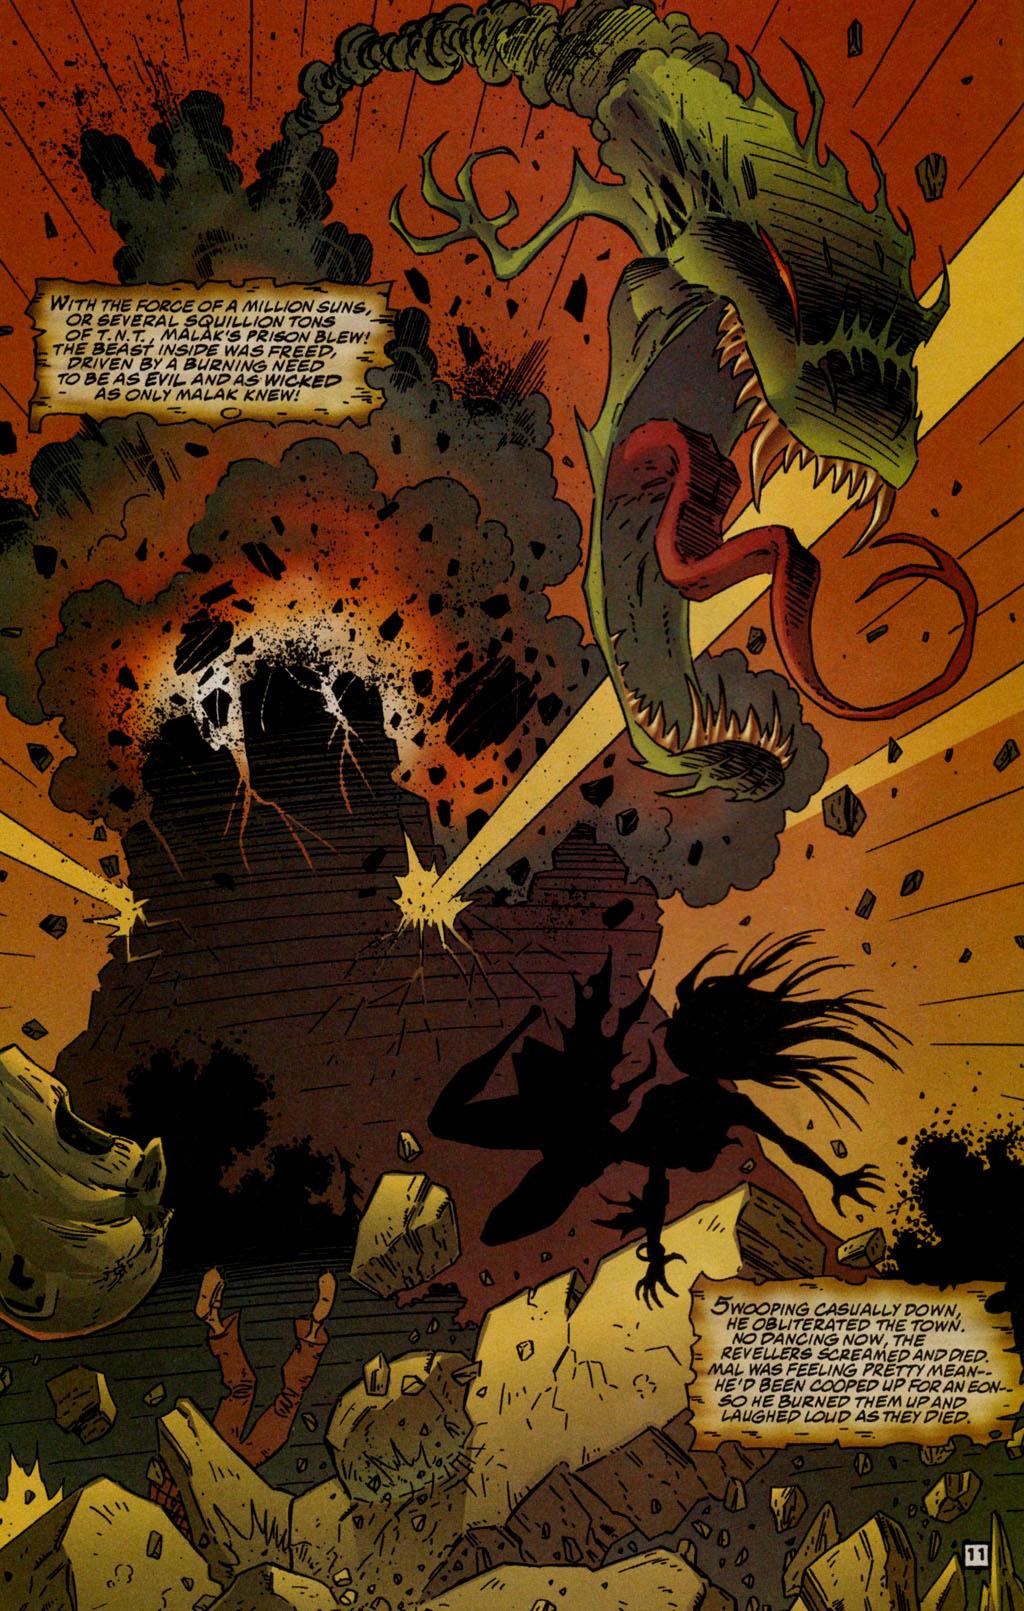 Read online Lobo/Demon: Hellowe'en comic -  Issue # Full - 12